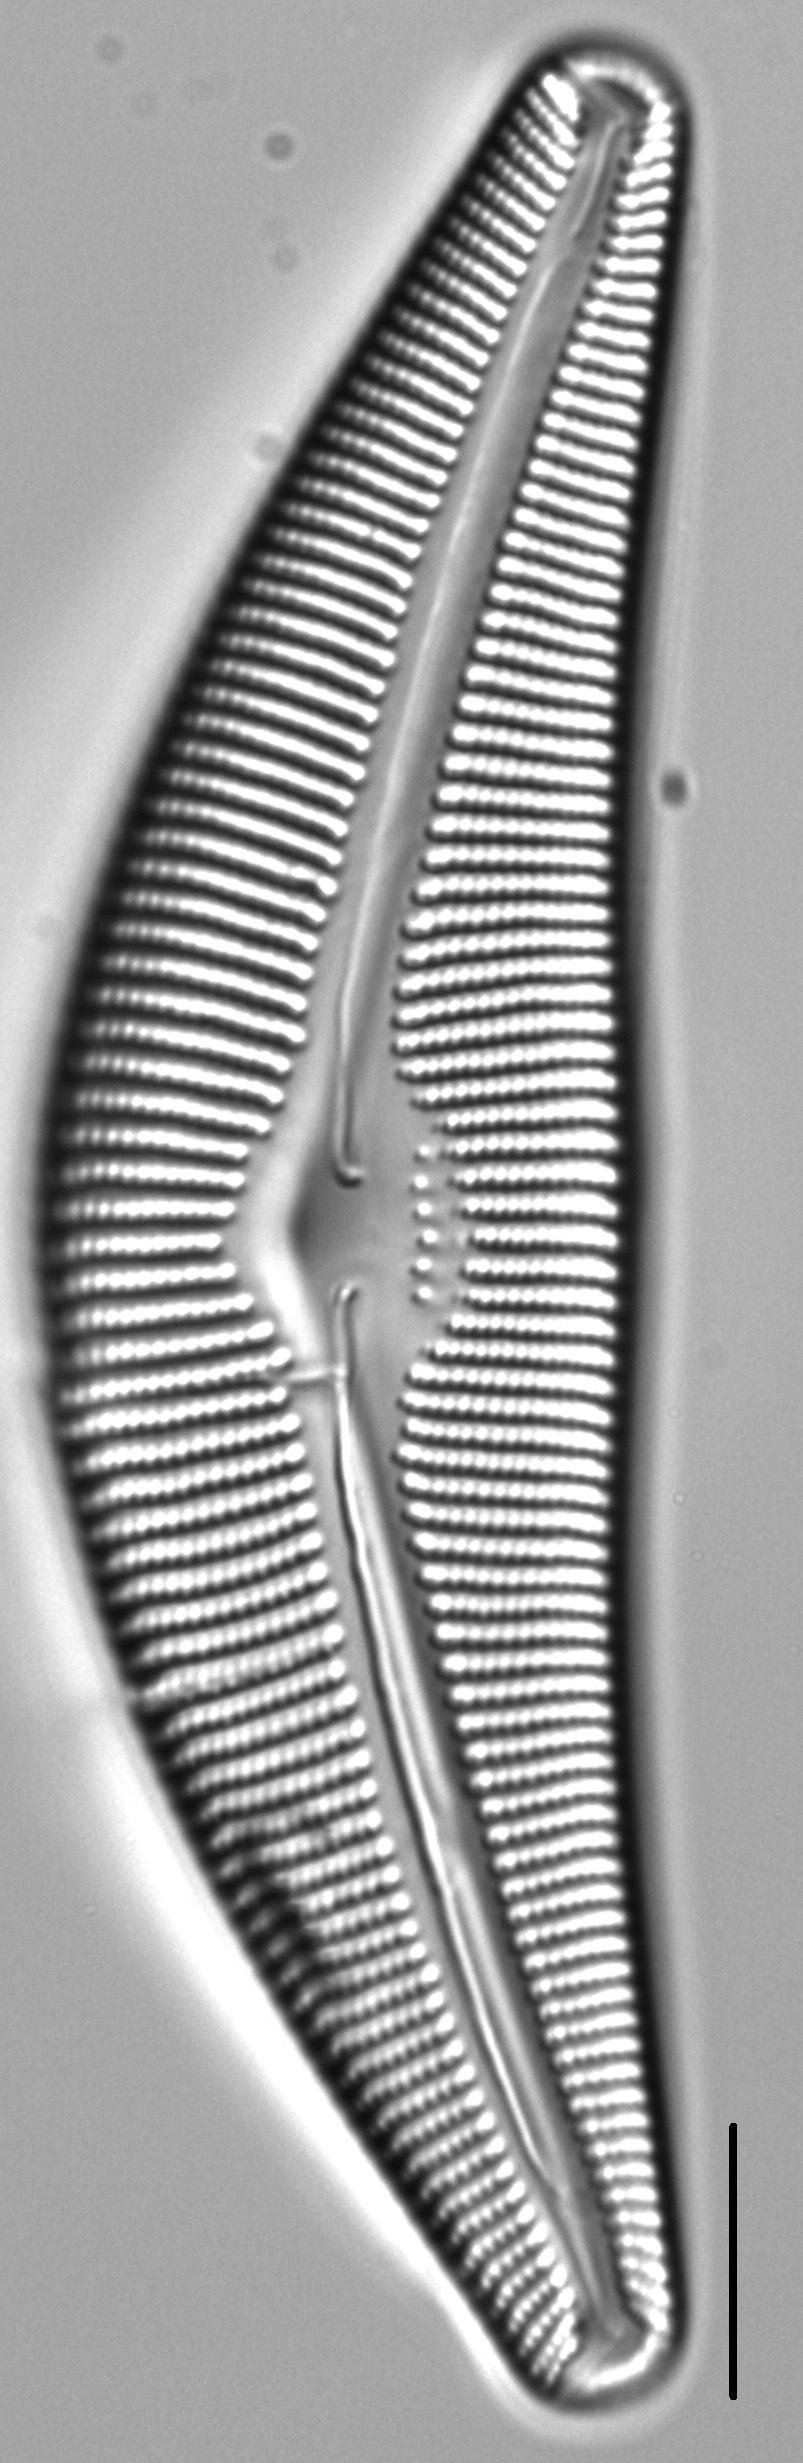 Cymbella perfossilis LM3